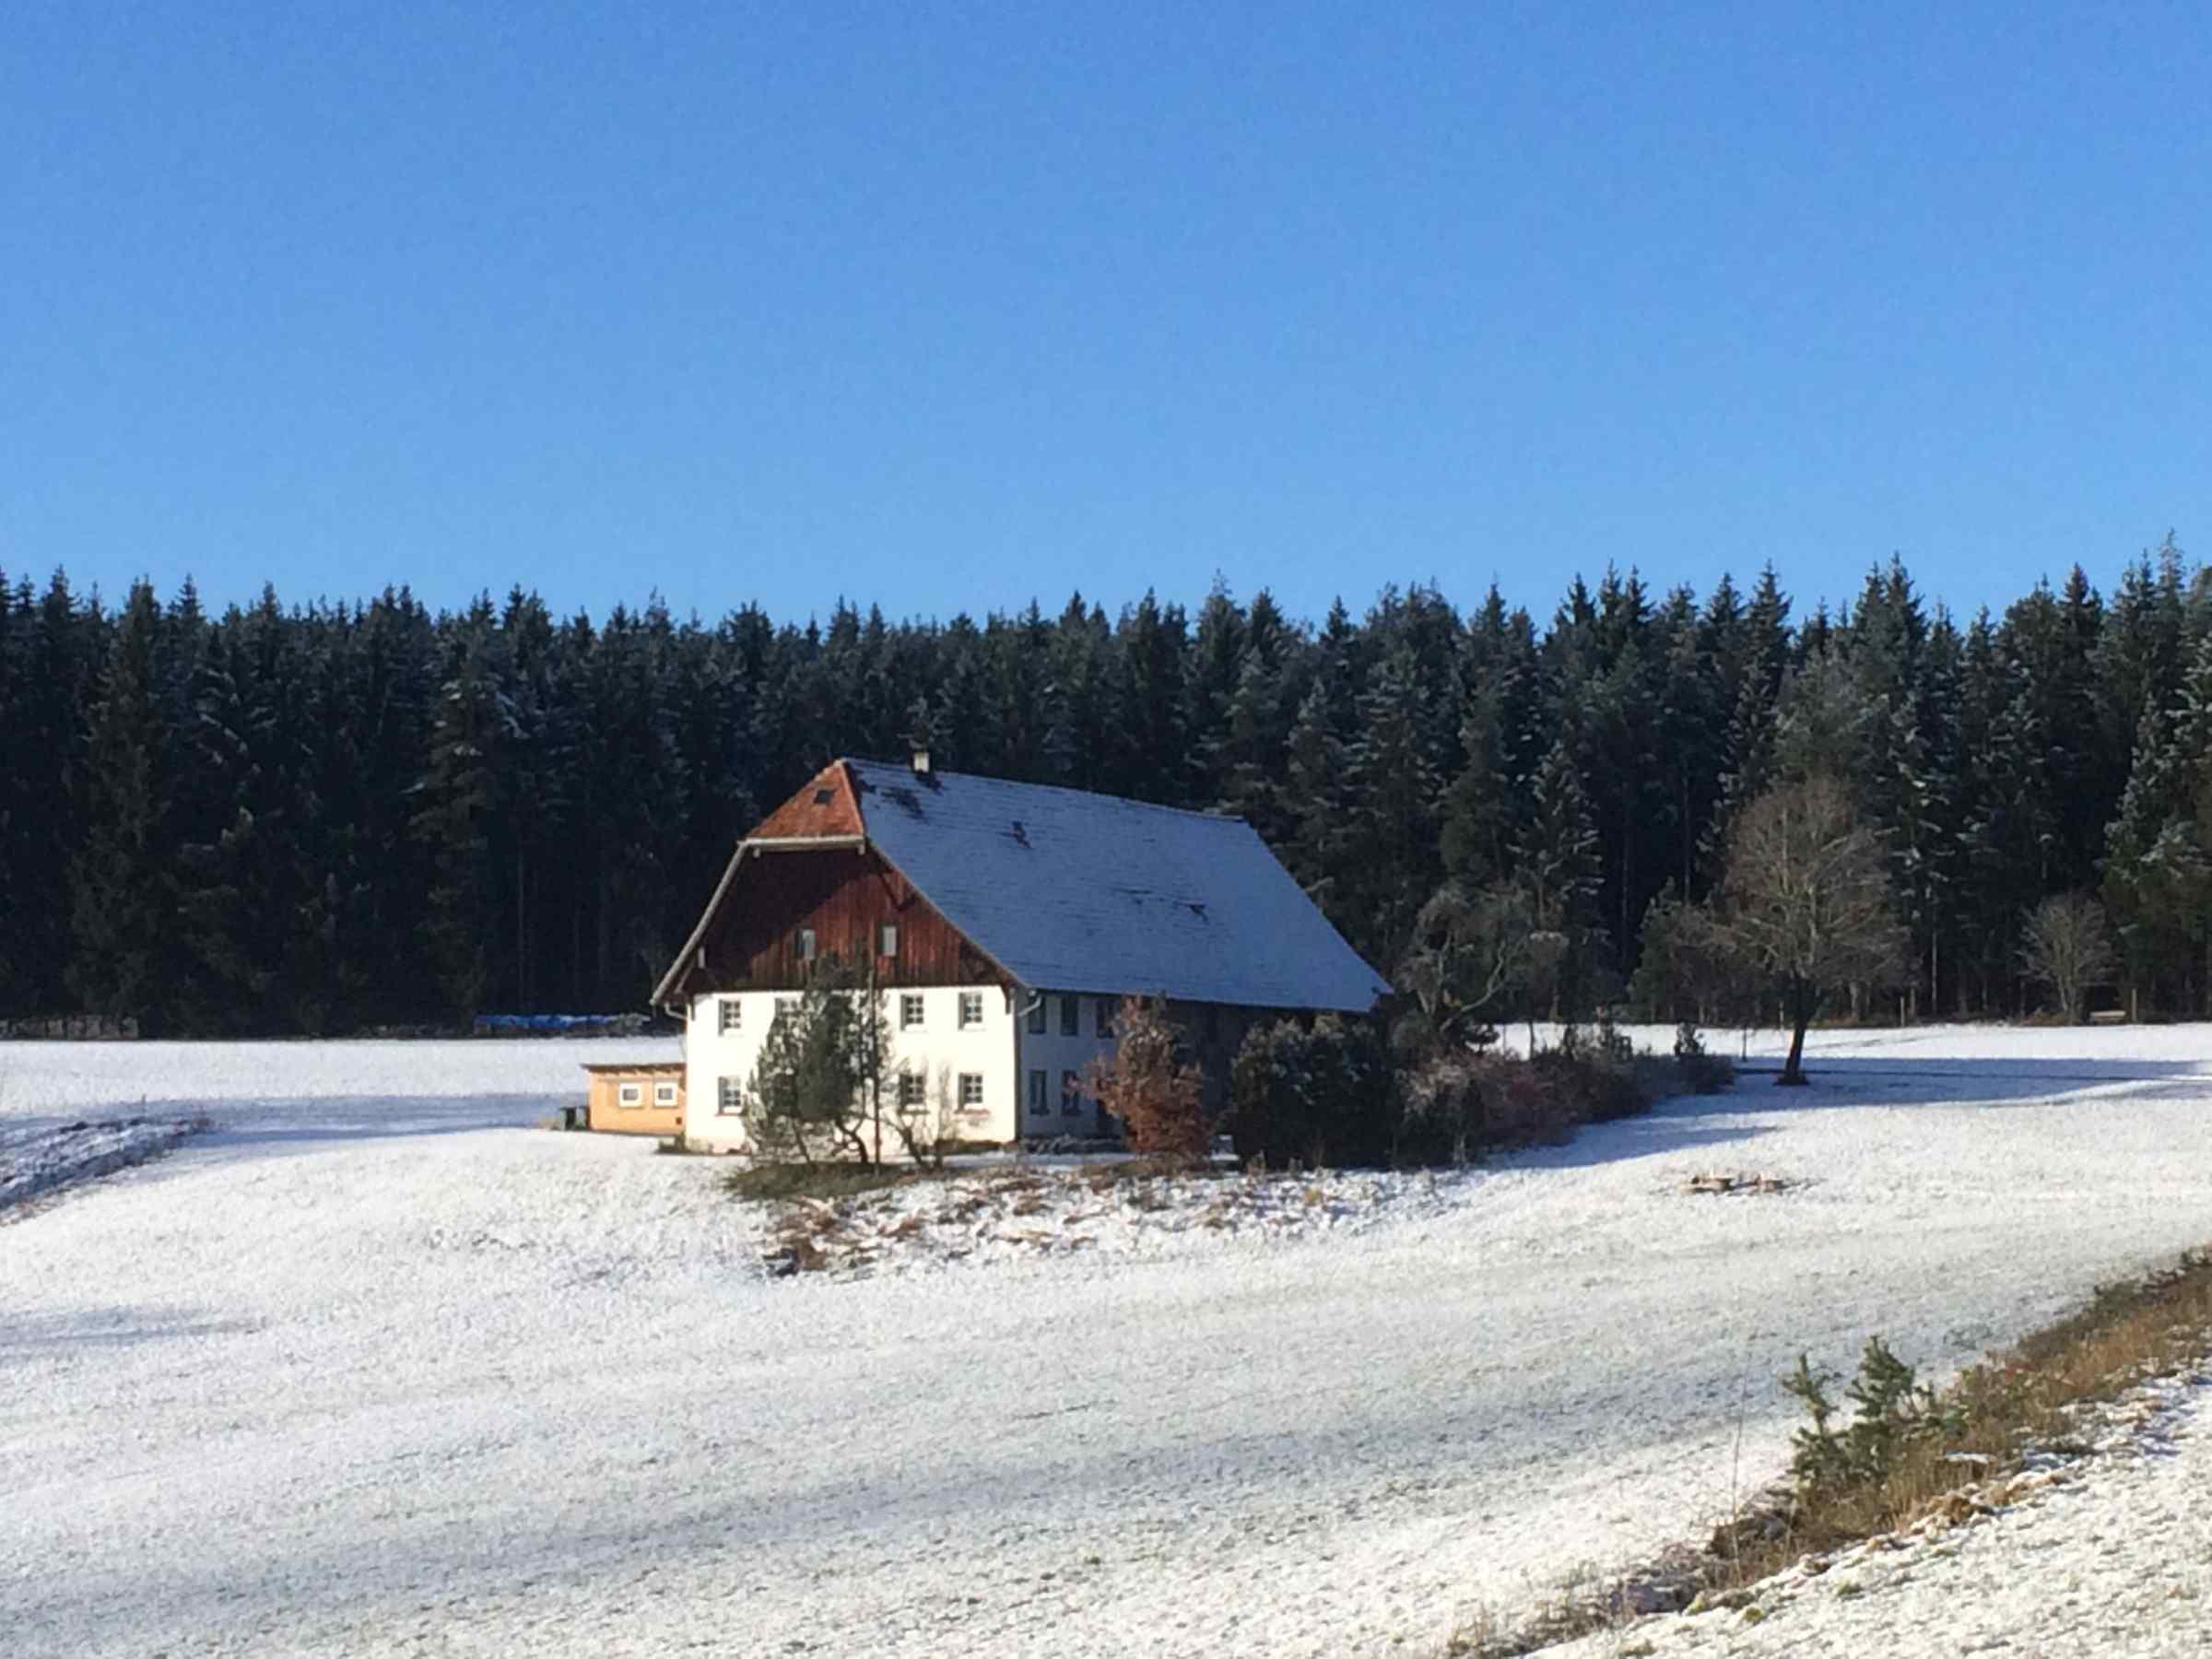 Ferienwohnung Storzenhof, (Unterkirnach). Ferienwohnung, 140qm, 3 Schlafzimmer, max. 8 Personen (2790199), Unterkirnach, Schwarzwald, Baden-Württemberg, Deutschland, Bild 11